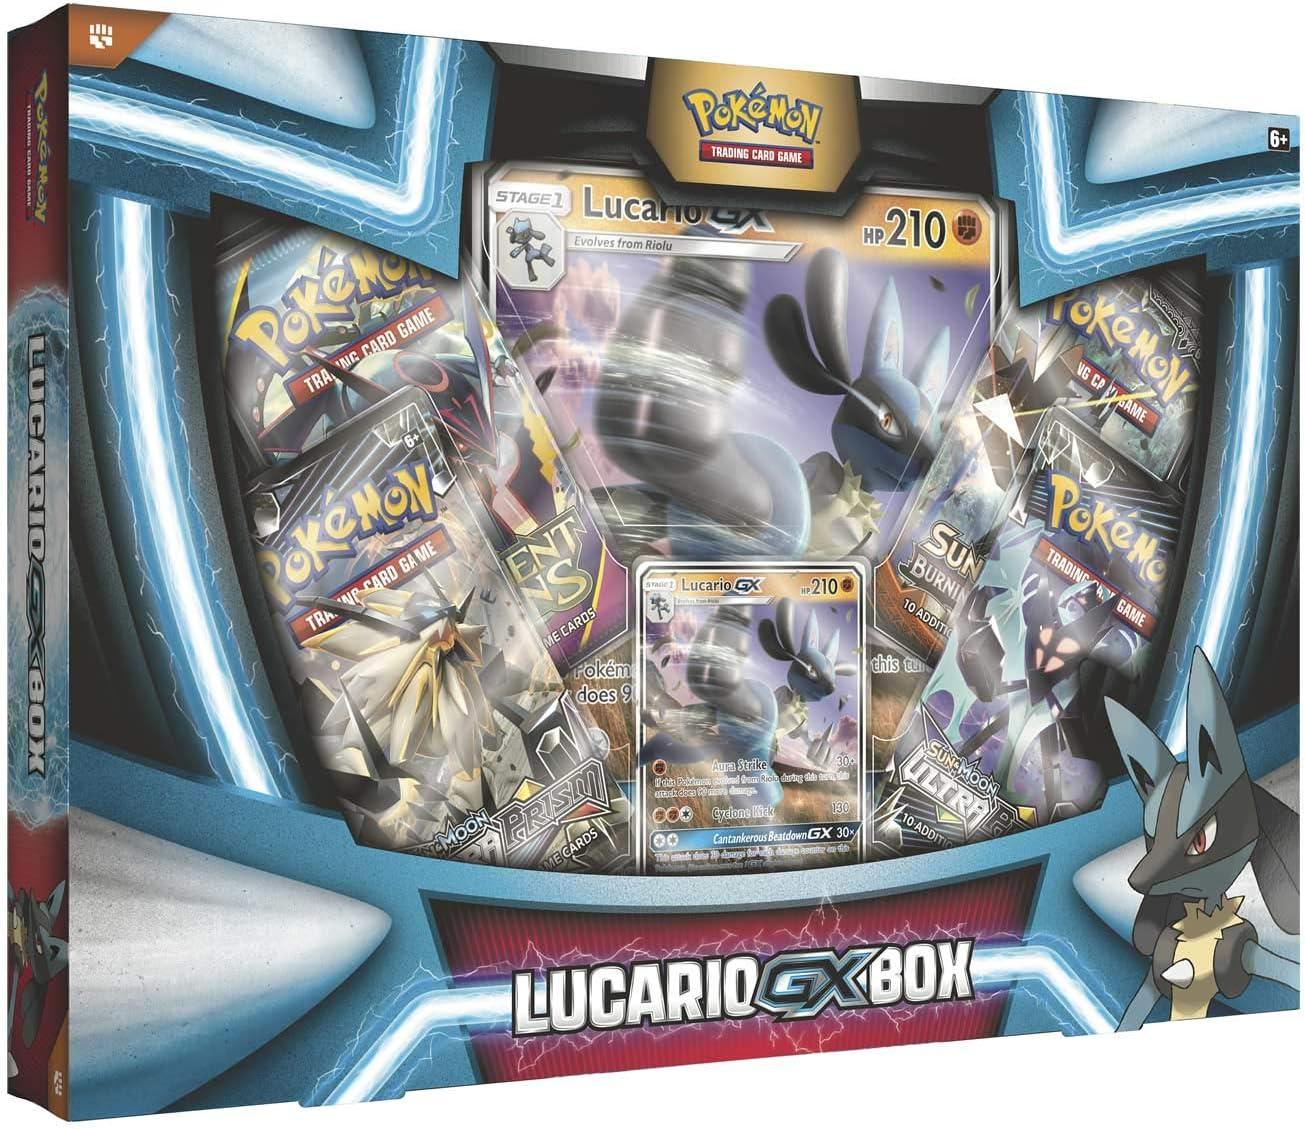 Pokemon 290-80369 Lucario Gx Box: Amazon.es: Juguetes y juegos